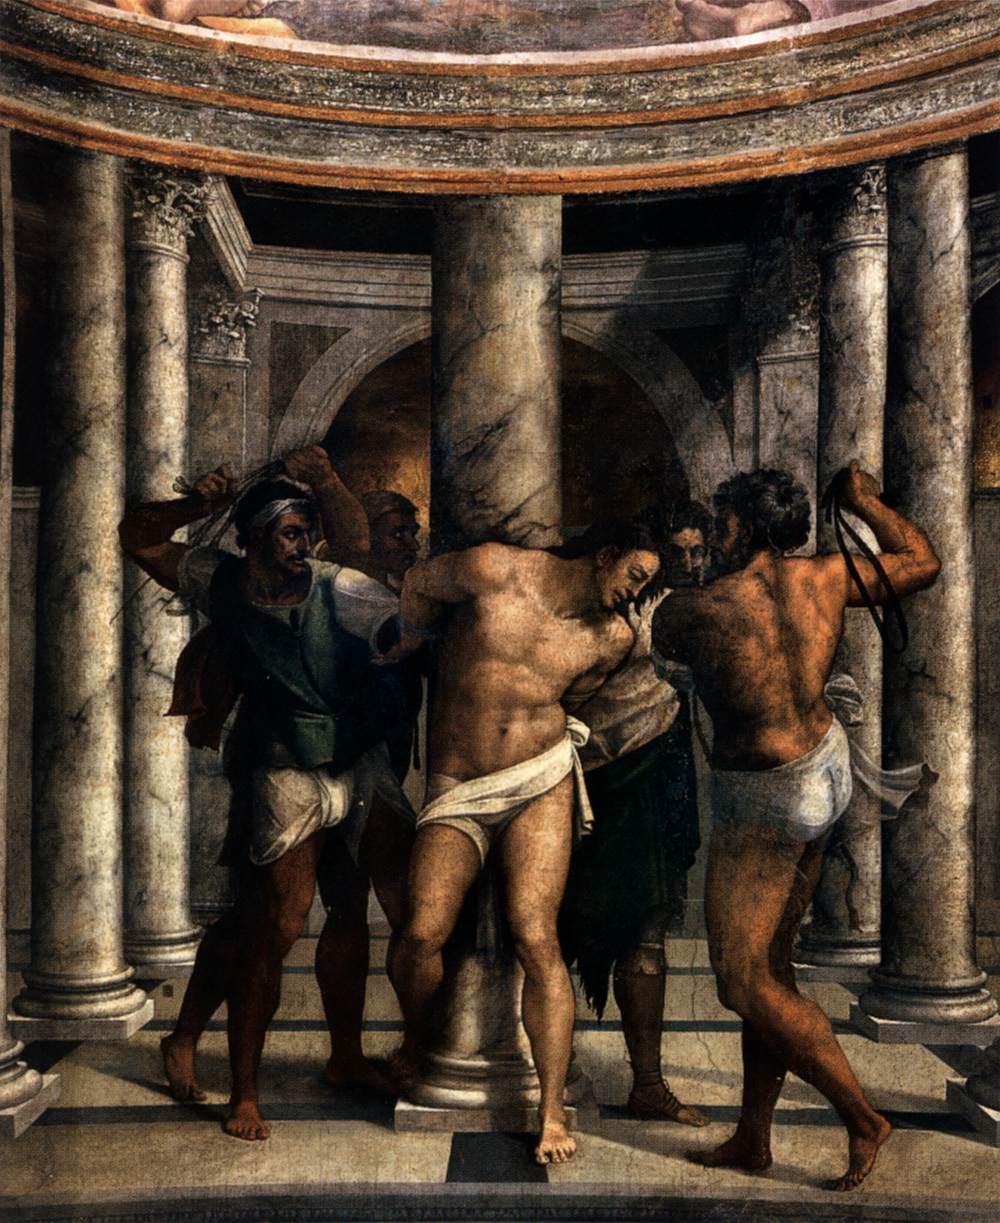 Sebastiano del Piombo's Flagellation in San Pietro in Montorio